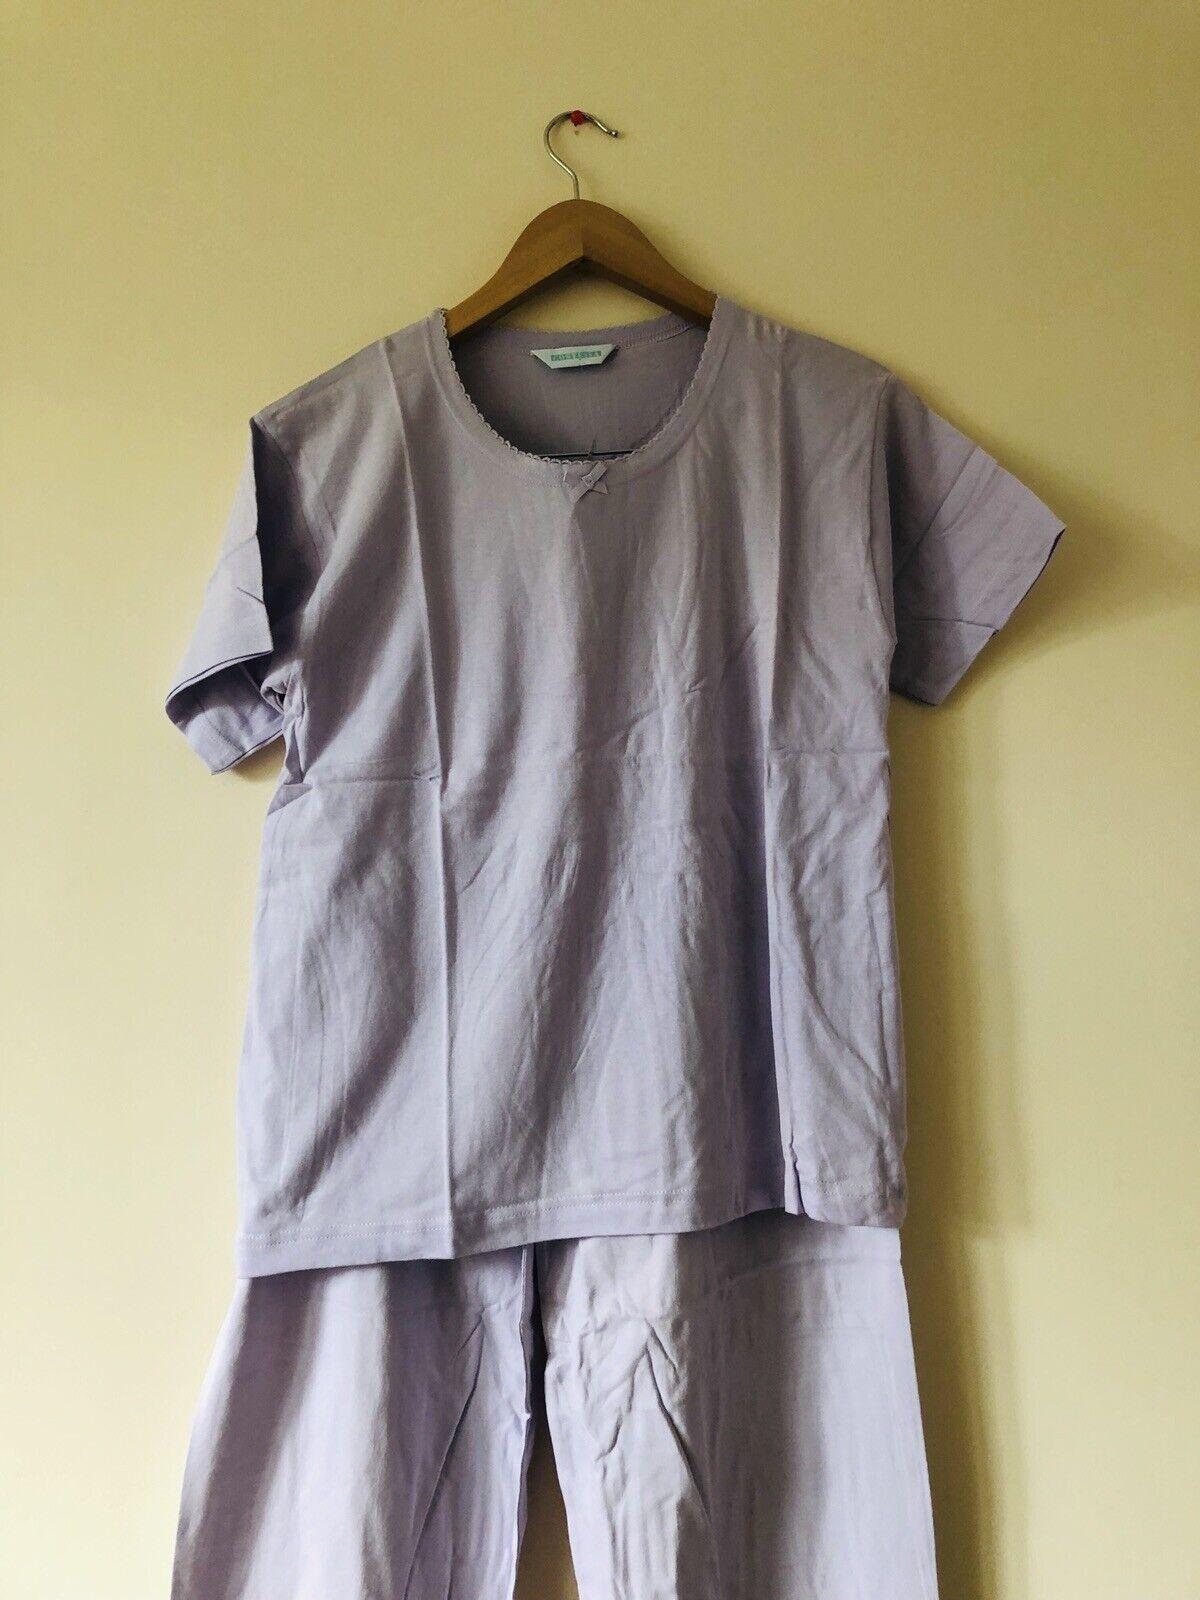 MesLes dames  Contessa  en coton à hommeches courtes Pyjama (Taille 8 10)